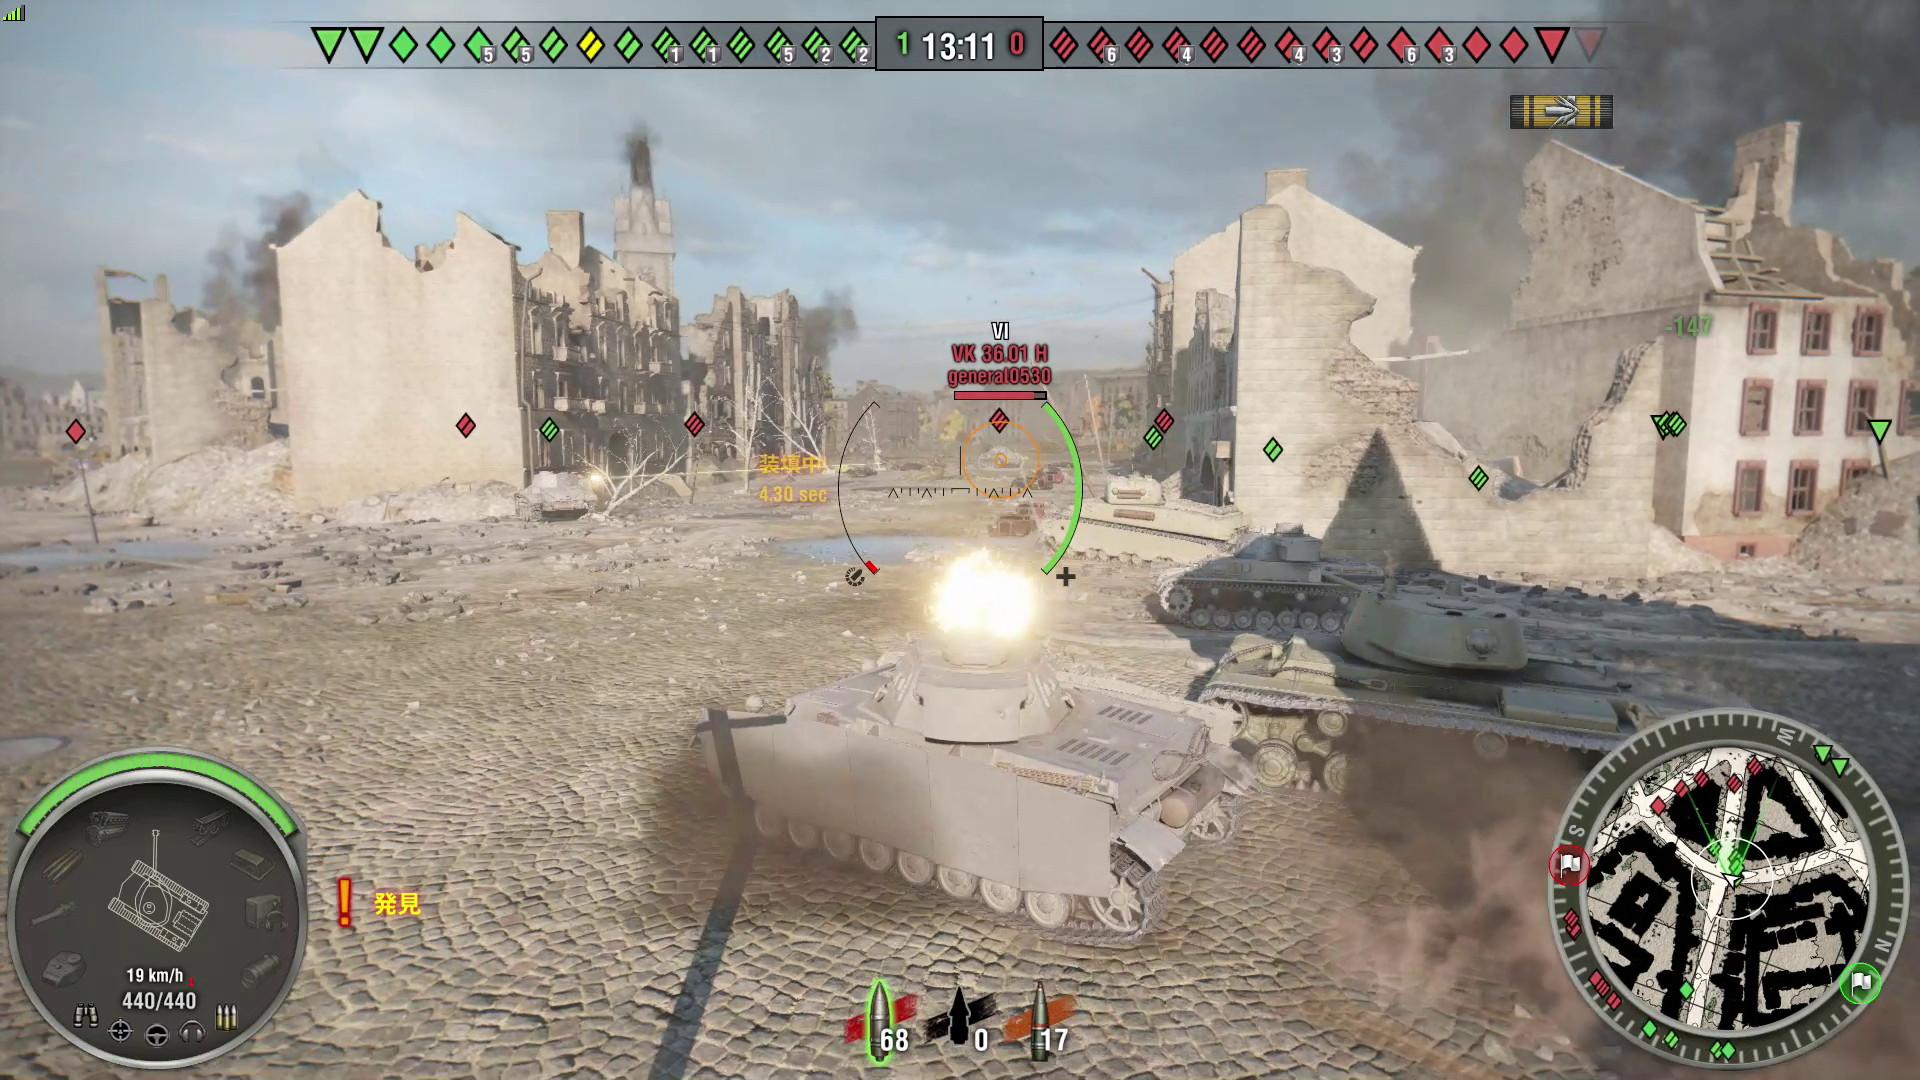 精度の高い砲は使いやすい。味方と連携しての砲撃にも参加できる